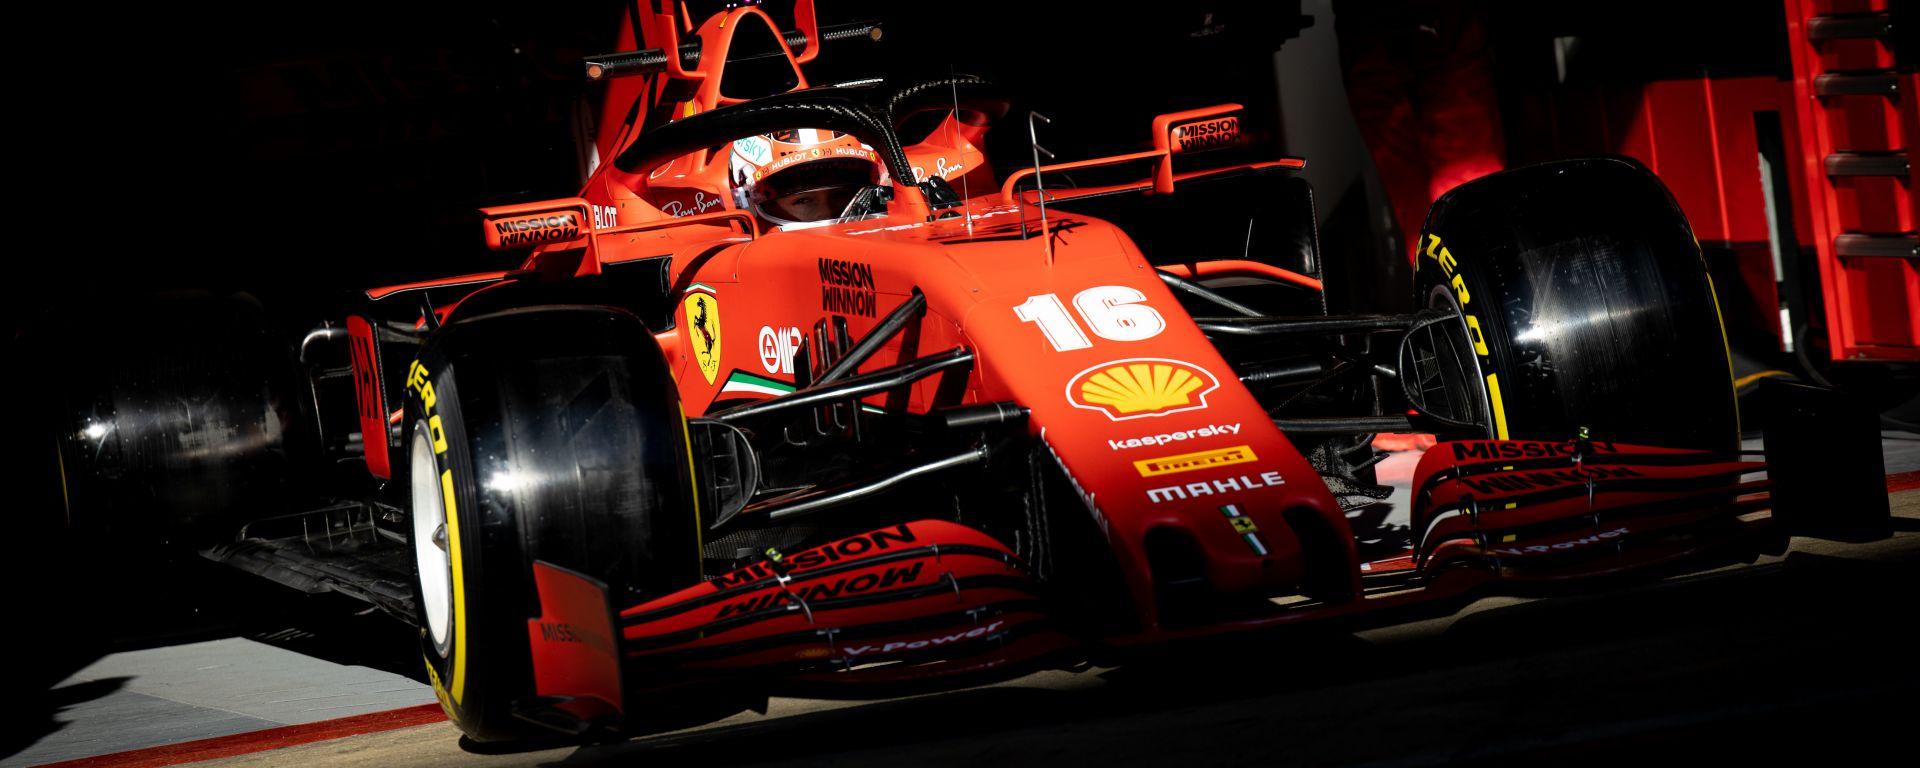 F1 Test Barcellona 2020: la Ferrari SF1000 di Charles Leclerc esce dai box